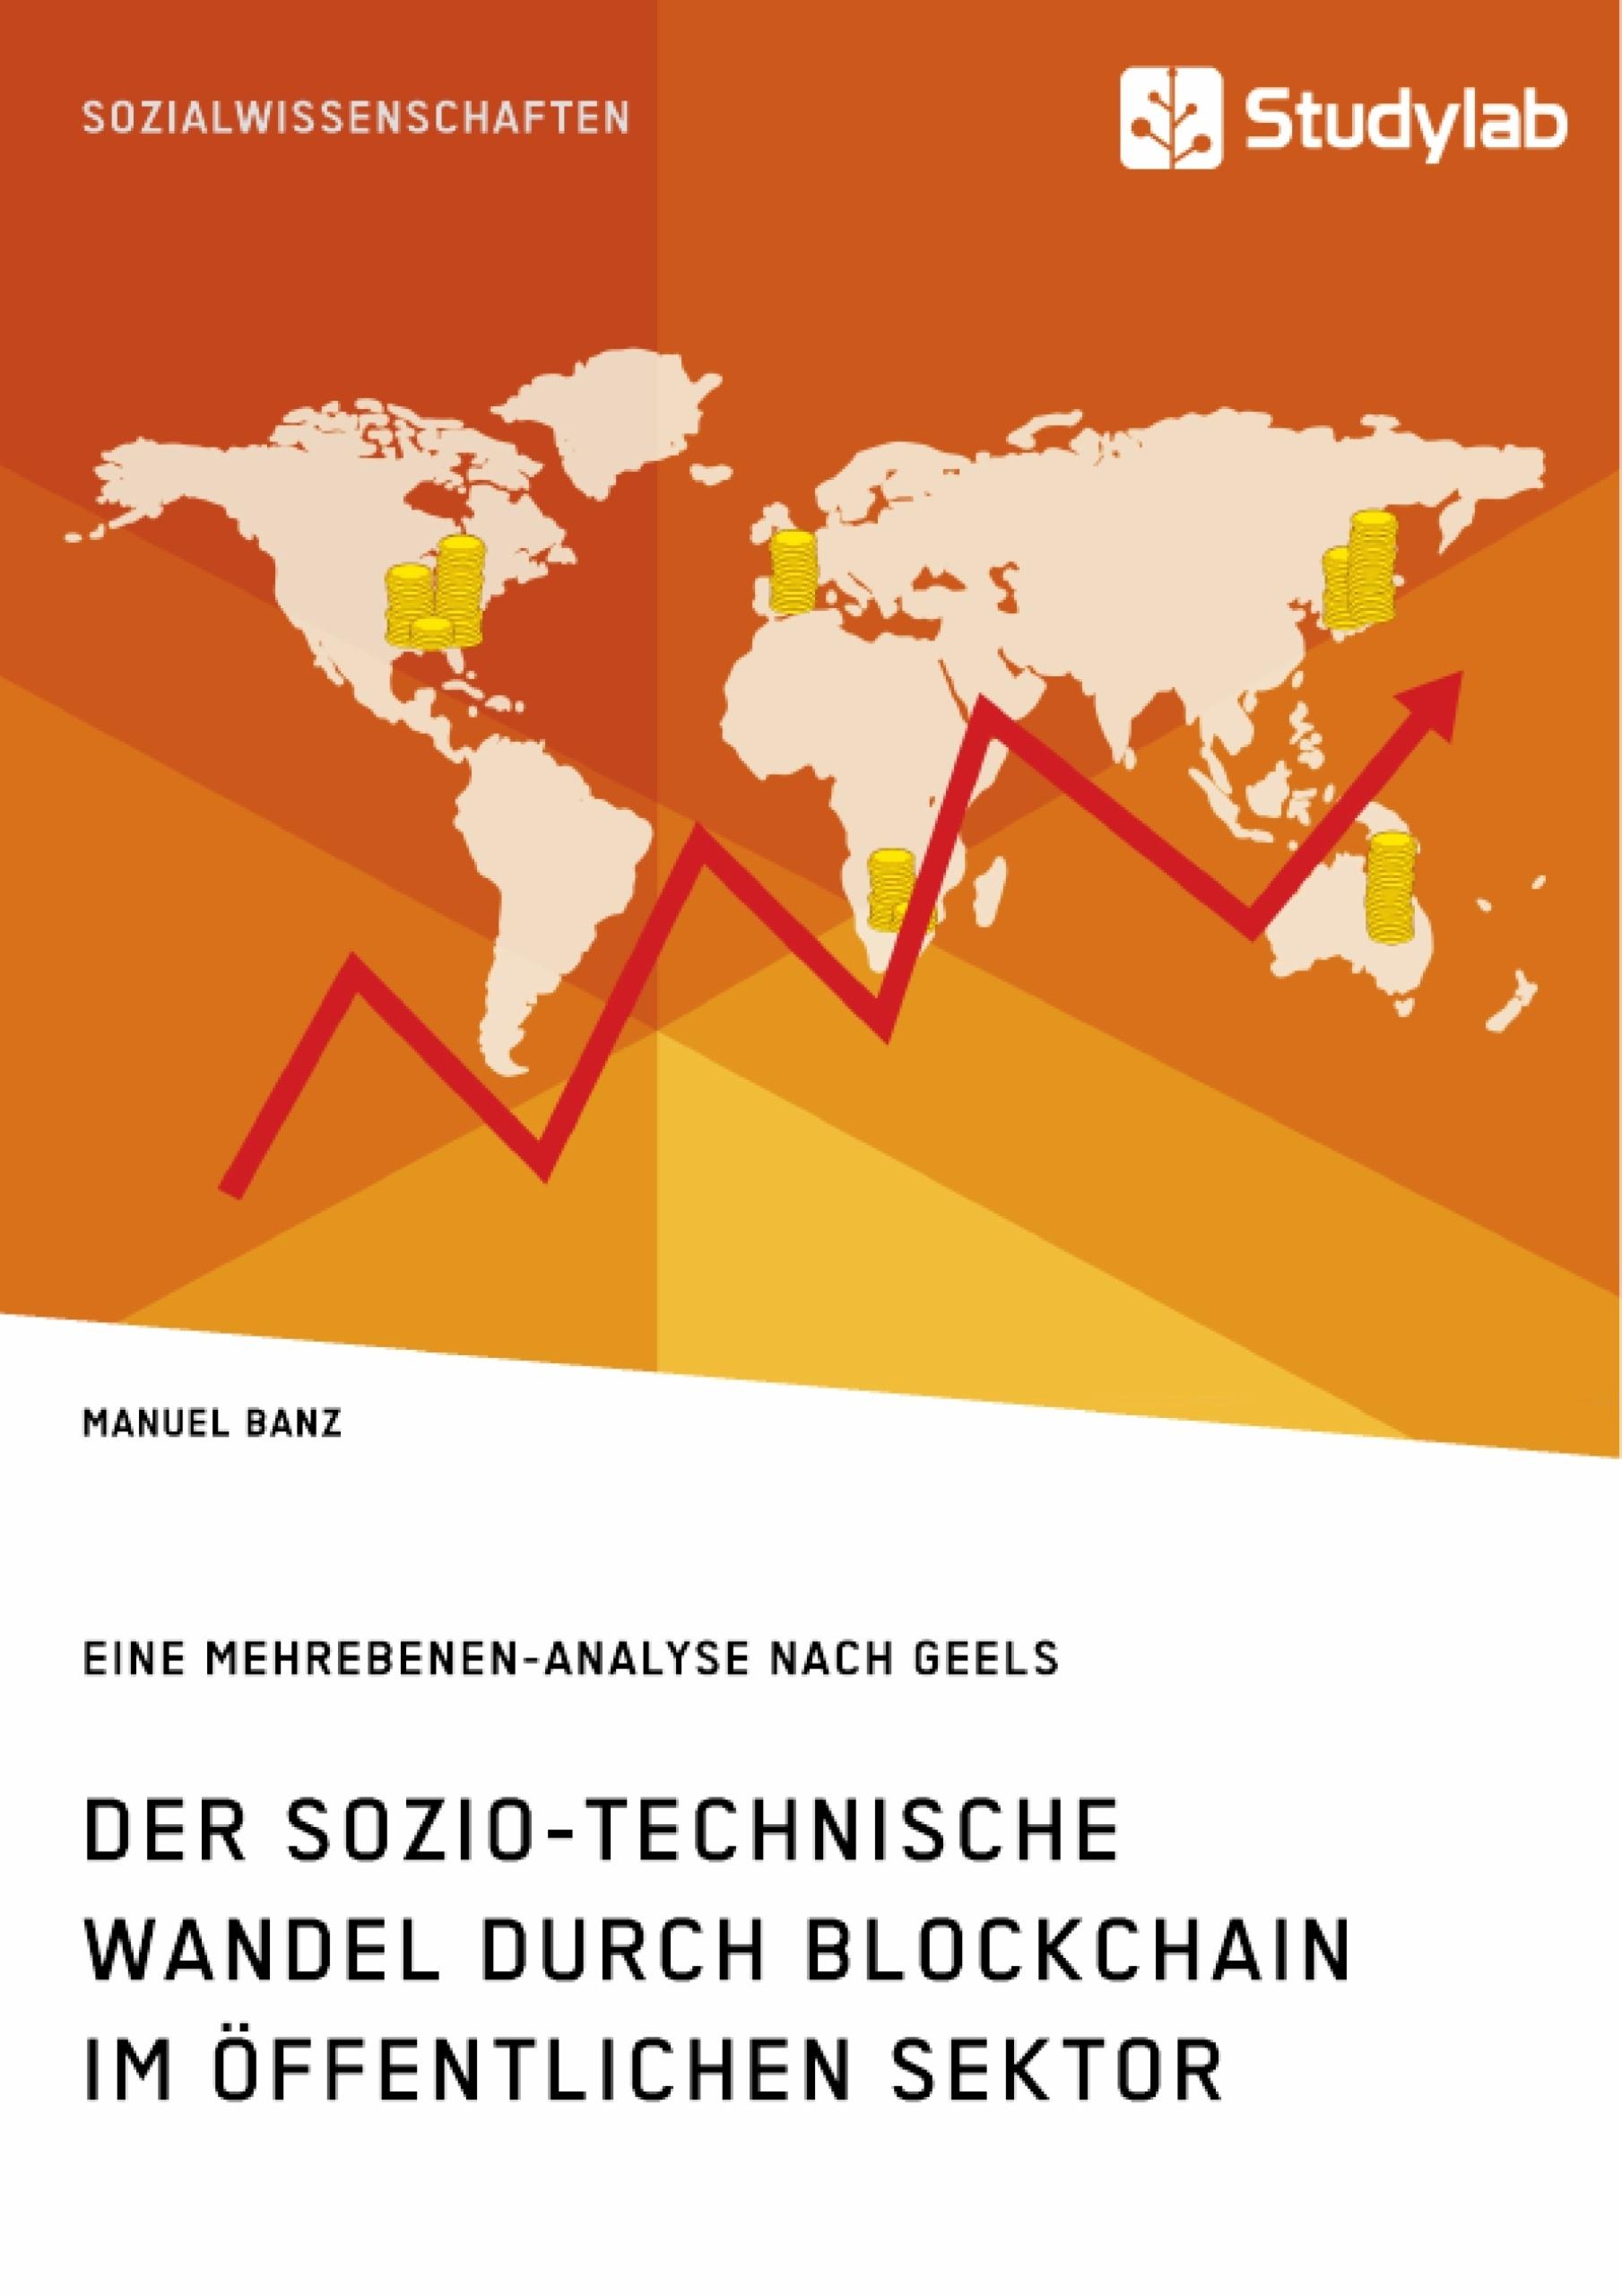 Titel: Der sozio-technische Wandel durch Blockchain im öffentlichen Sektor